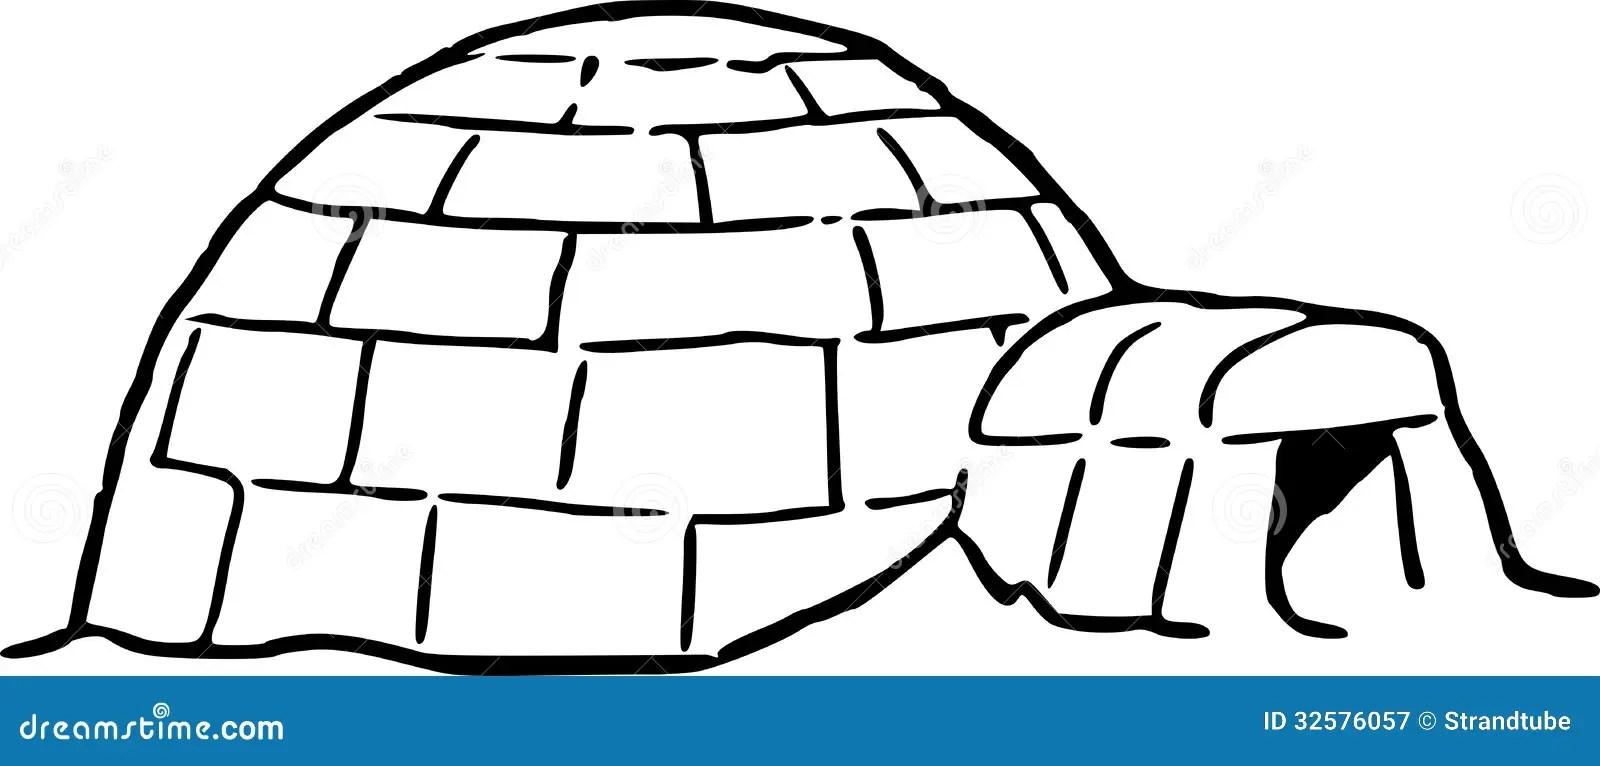 Dessin de main d'un igloo illustration de vecteur. Image